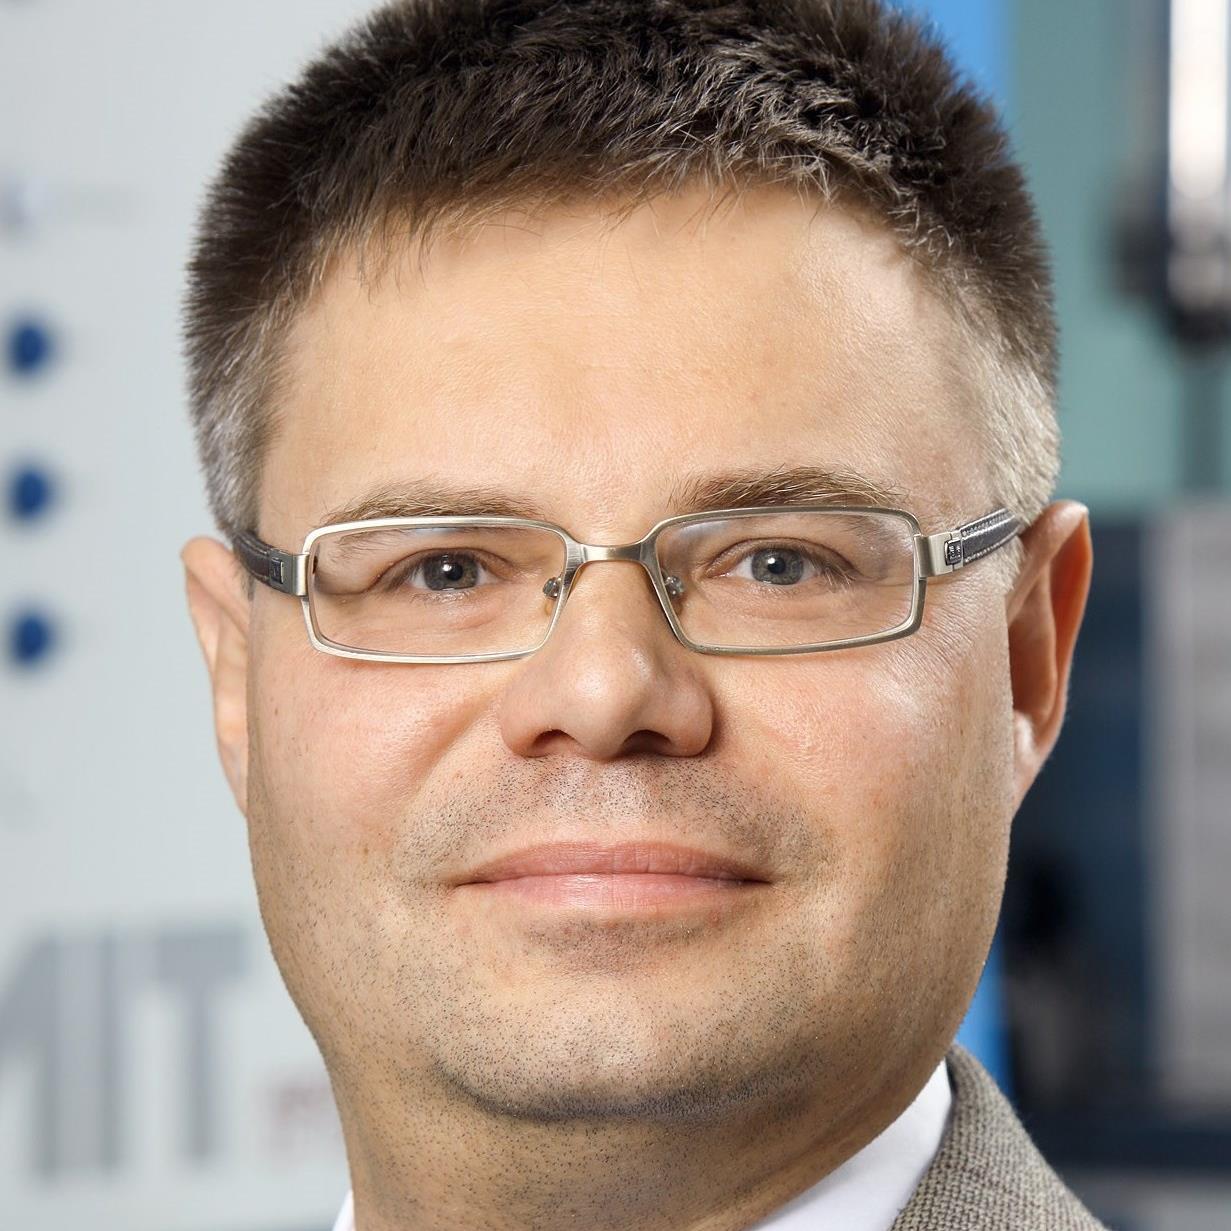 Dr Krystian Maciej (4).jpg